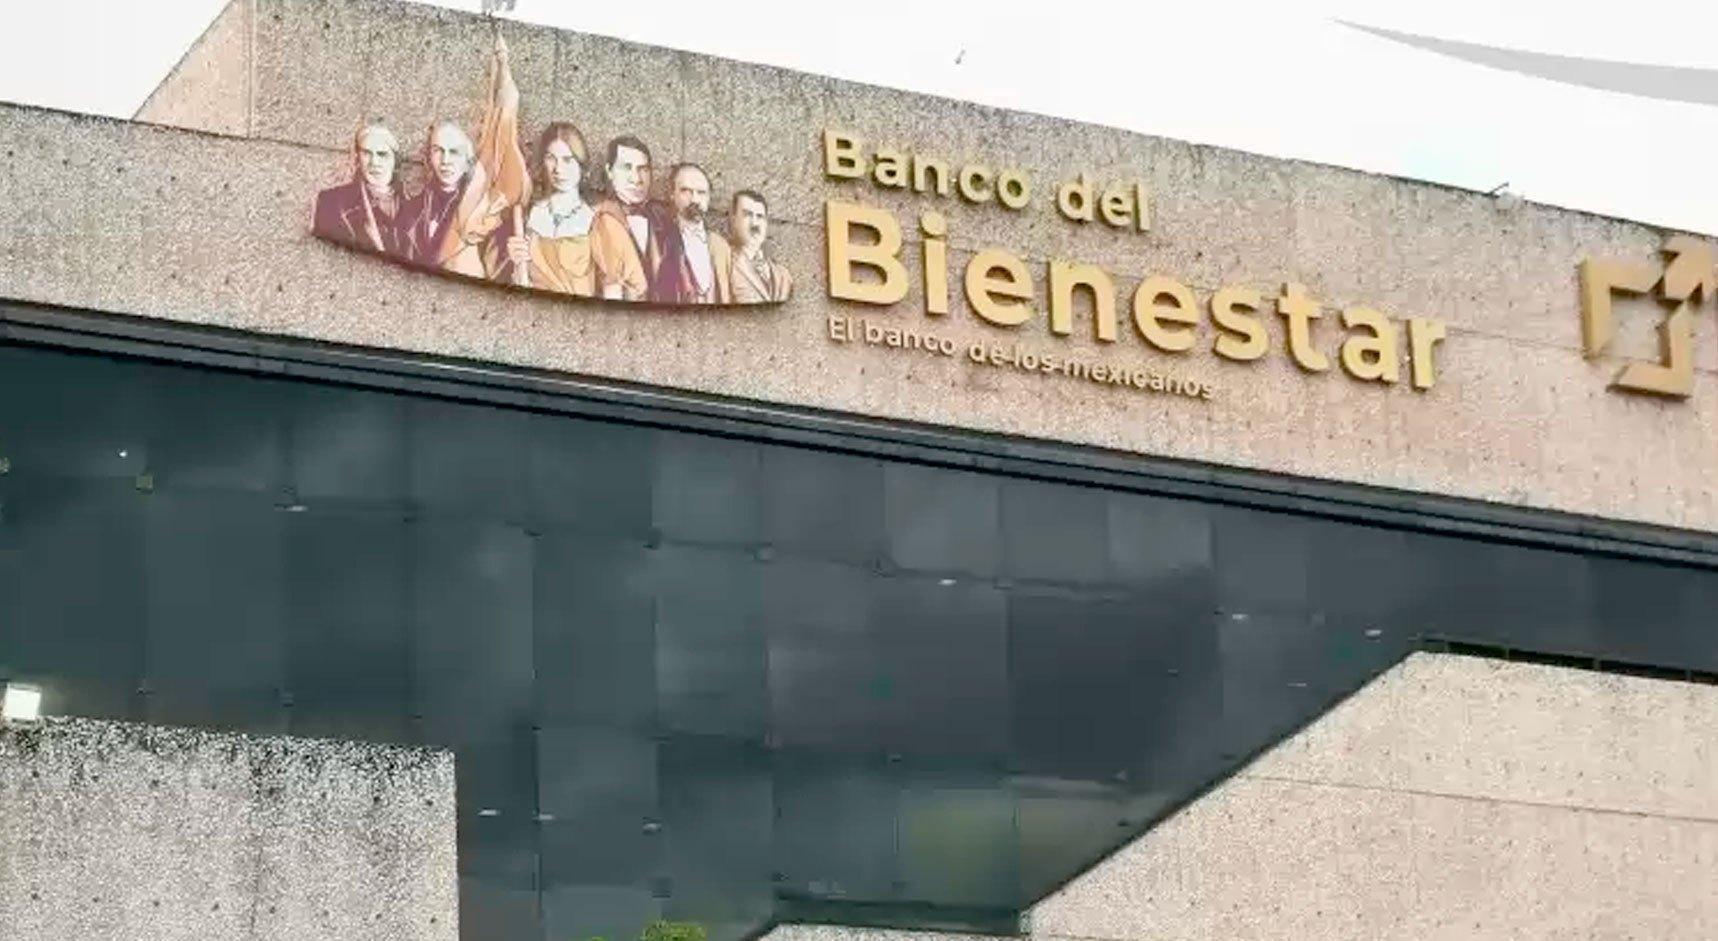 banco-del-bienestar-solicita-tu-prestamo-de-hasta-50-mil-pesos-para-tu-negocio-160494